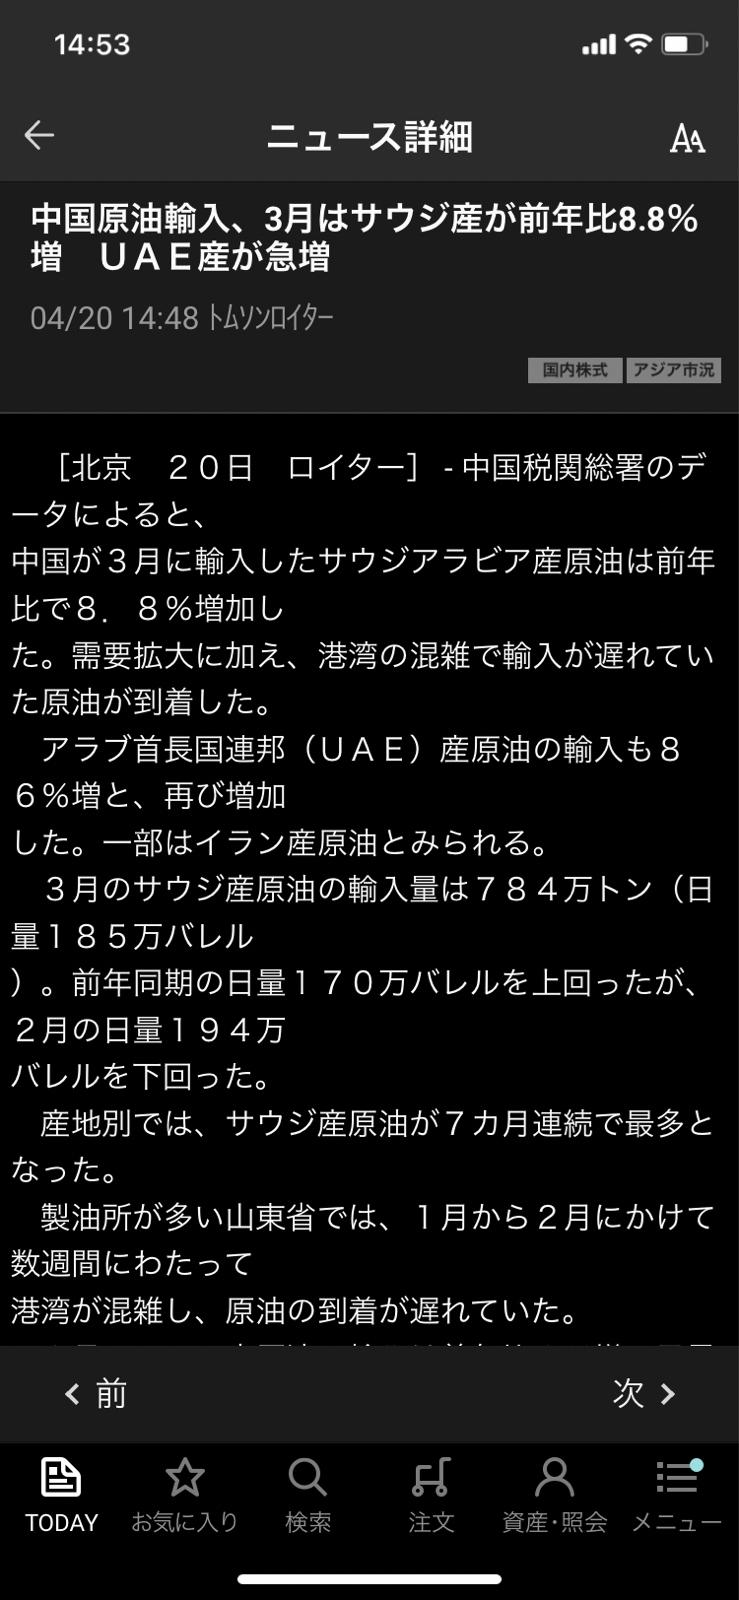 2038 - NEXT NOTES ドバイ原油先物 ダブル・ブル ETN どんどん上がってきそうですね✨